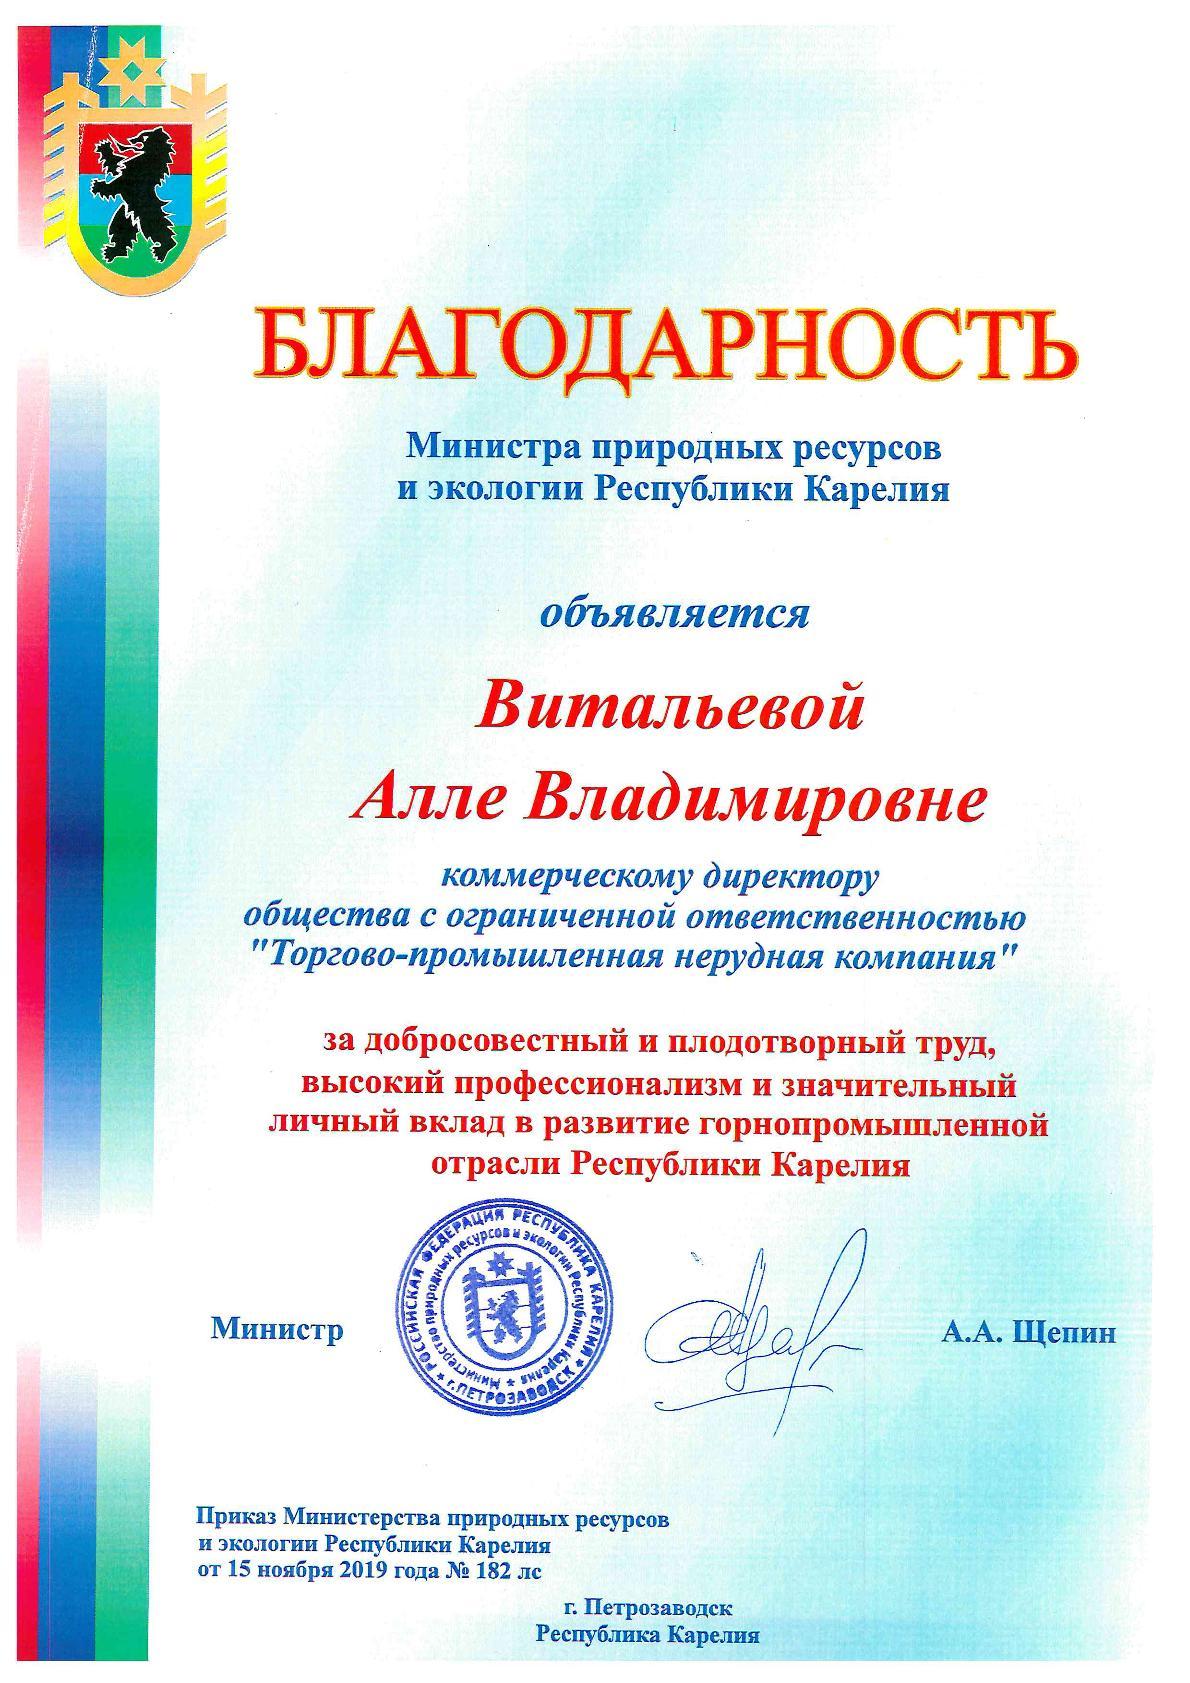 Благодарность Витальевой А.В.